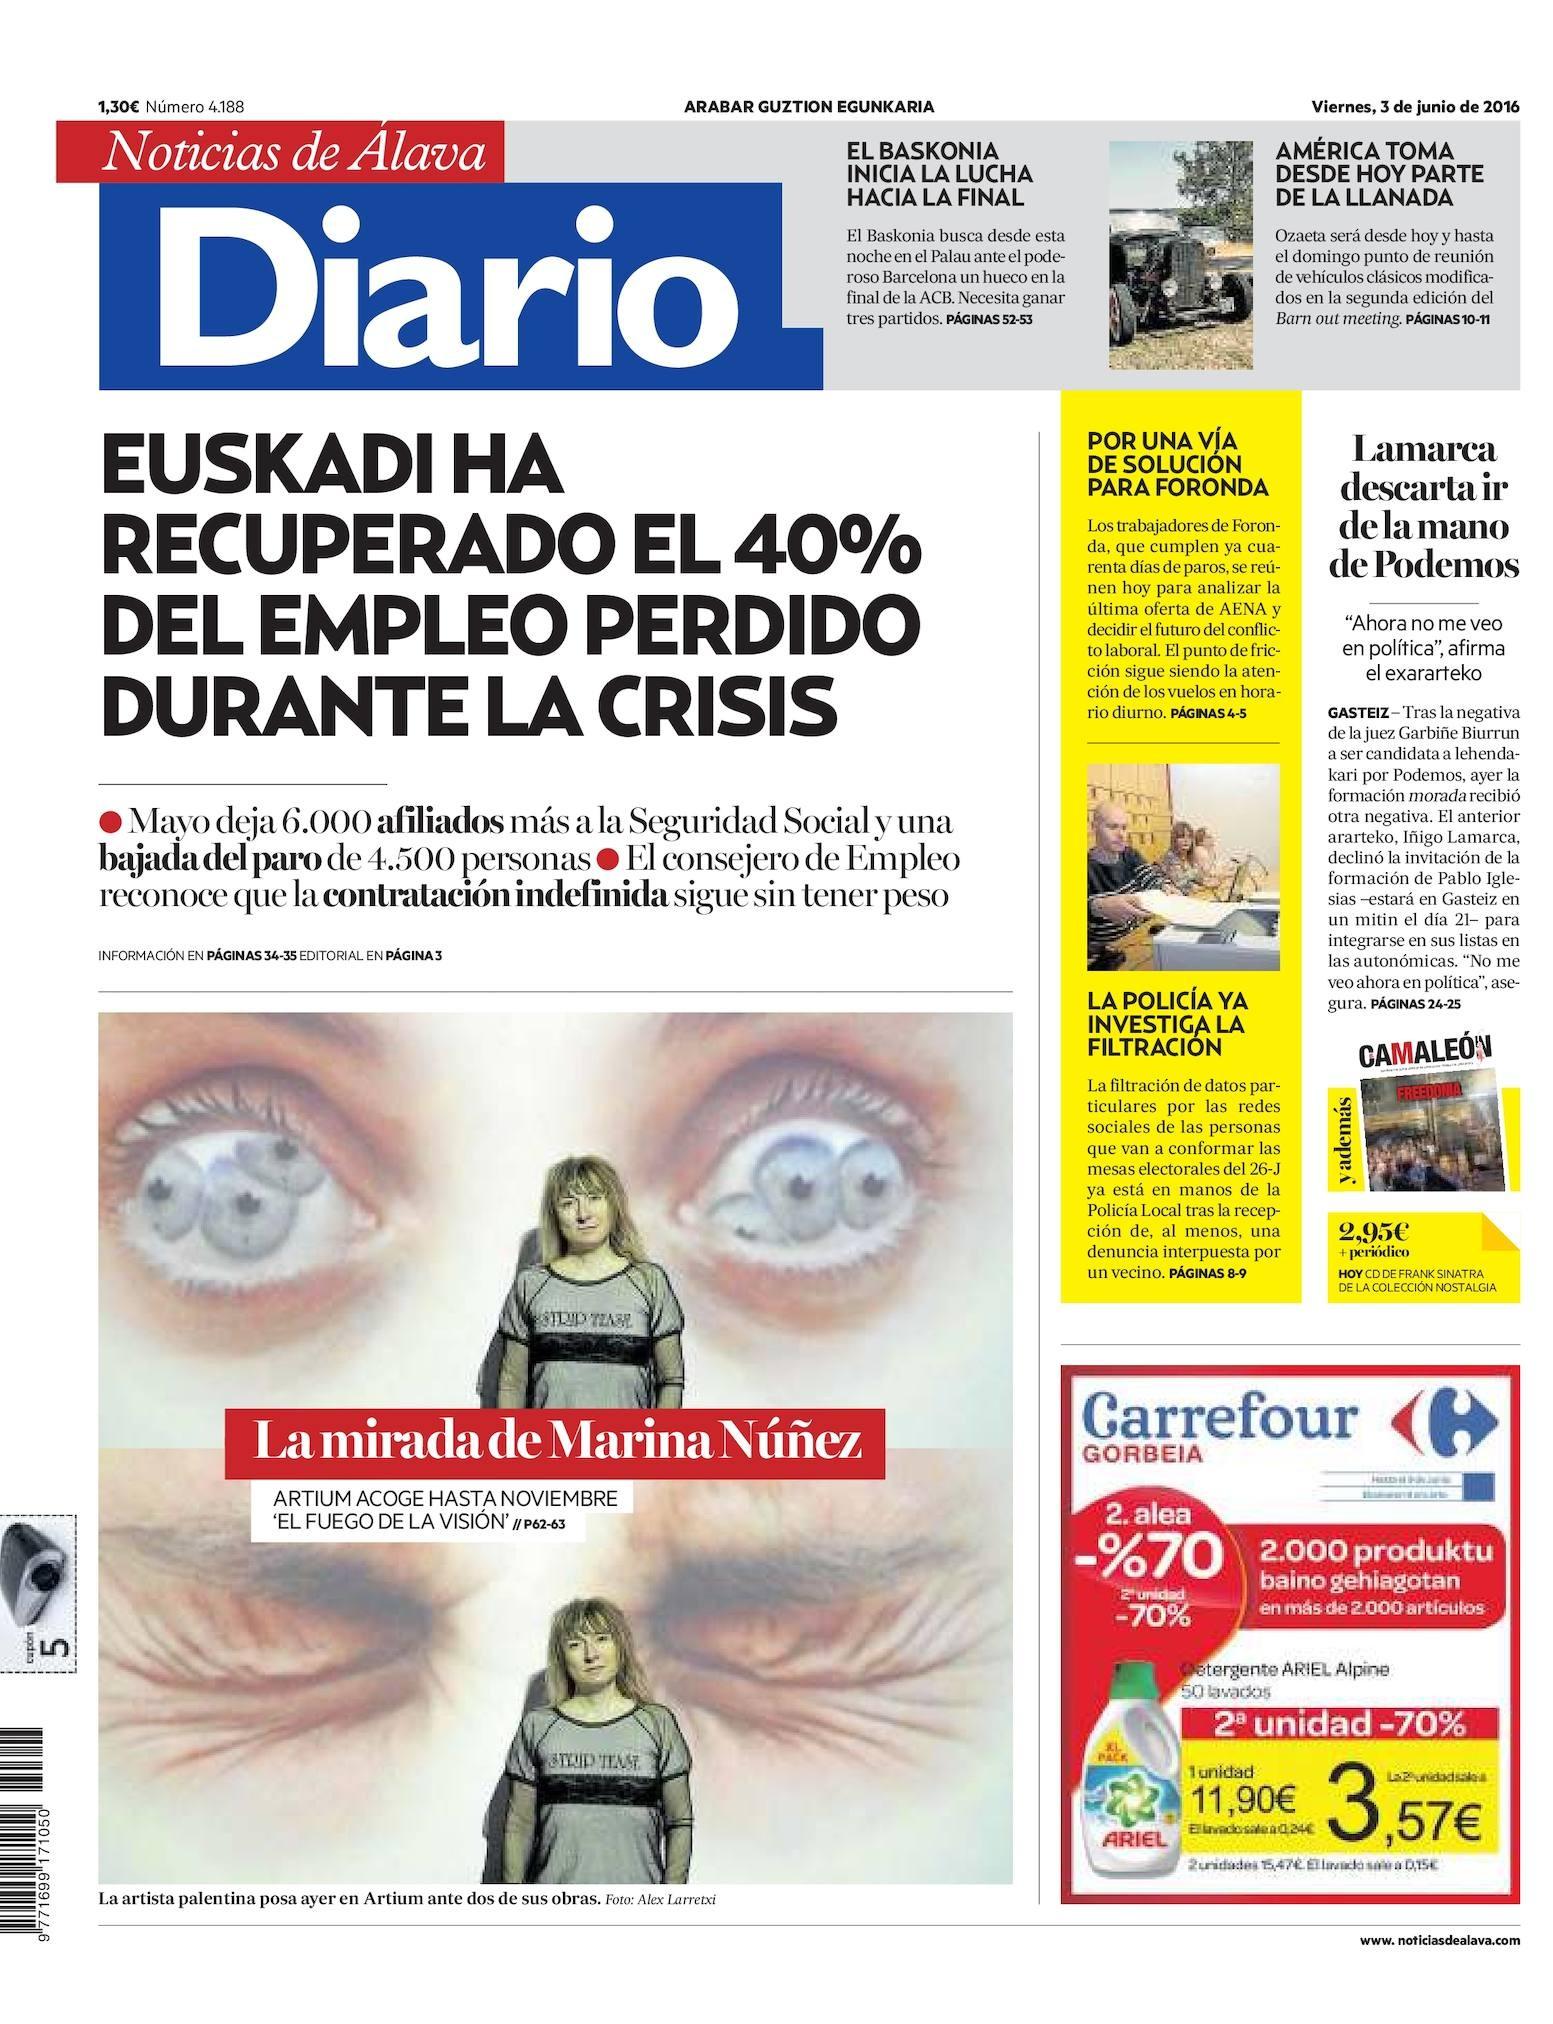 Calendario Electoral 2019 En Colombia Más Arriba-a-fecha Calaméo Diario De Noticias De lava Of Calendario Electoral 2019 En Colombia Más Populares Eur Lex L 2016 200 Full En Eur Lex